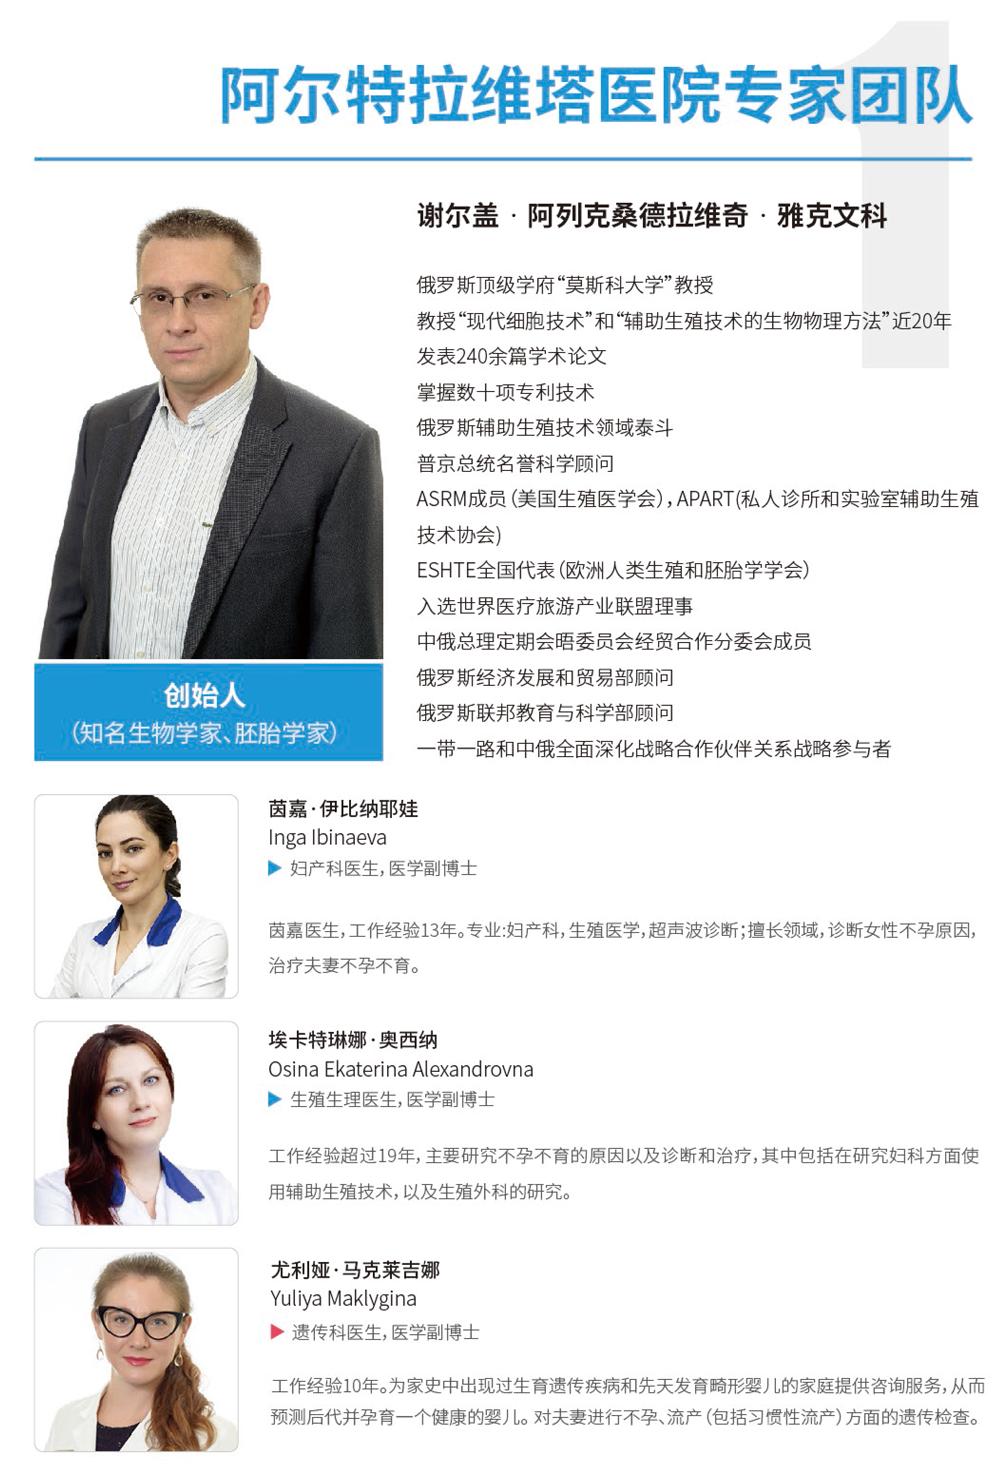 俄罗斯诊所医生介绍Ver190620-4.png